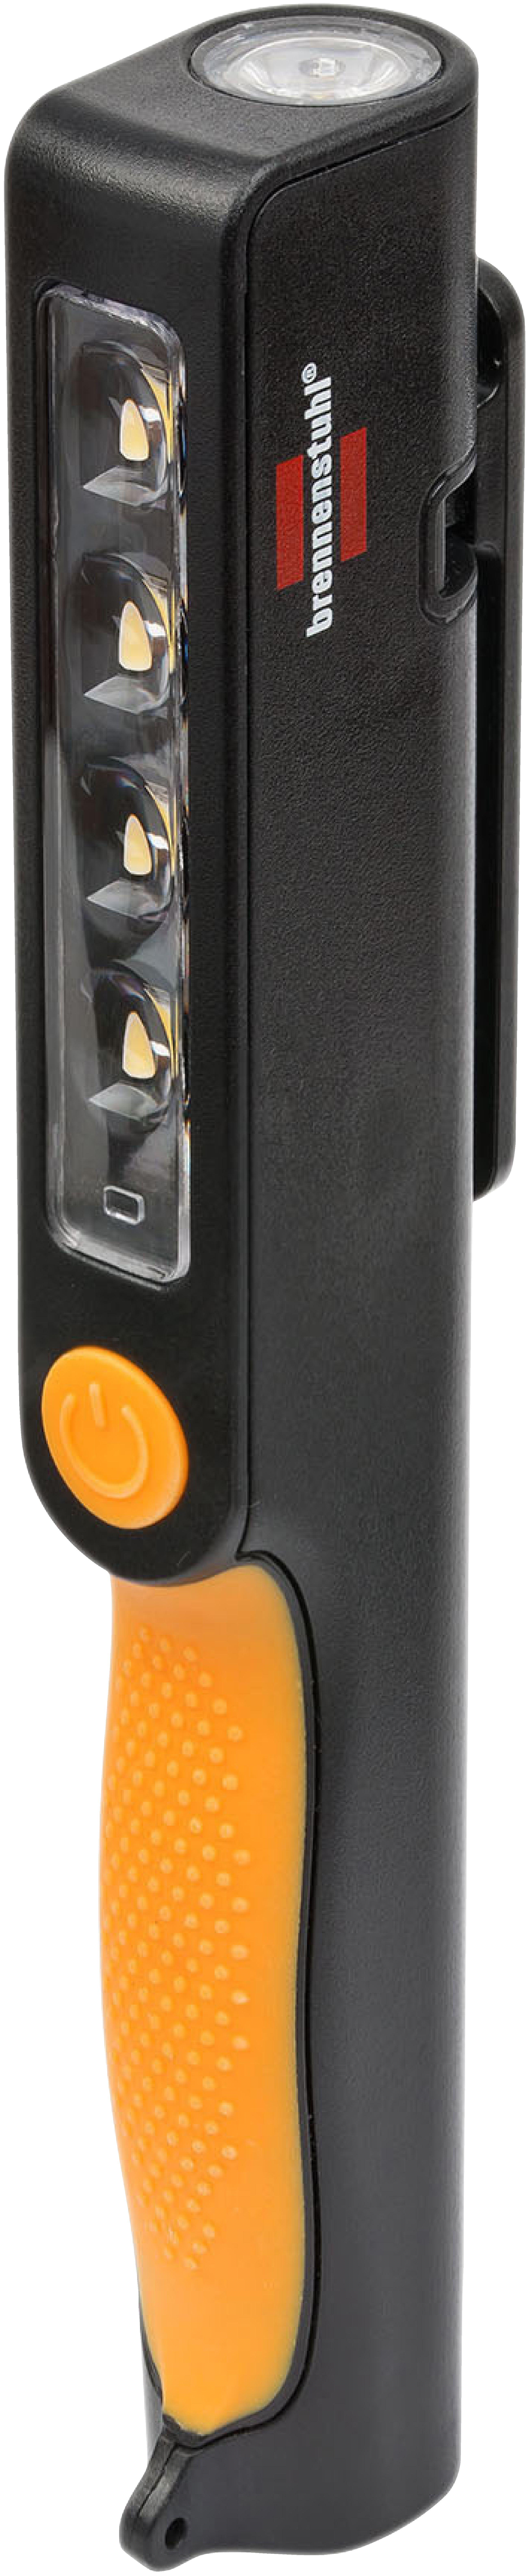 Brennenstuhl 1175890 4+1 LED akumulátorová ruční svítilna HL DA 41 MC 350lm, magnet, klip